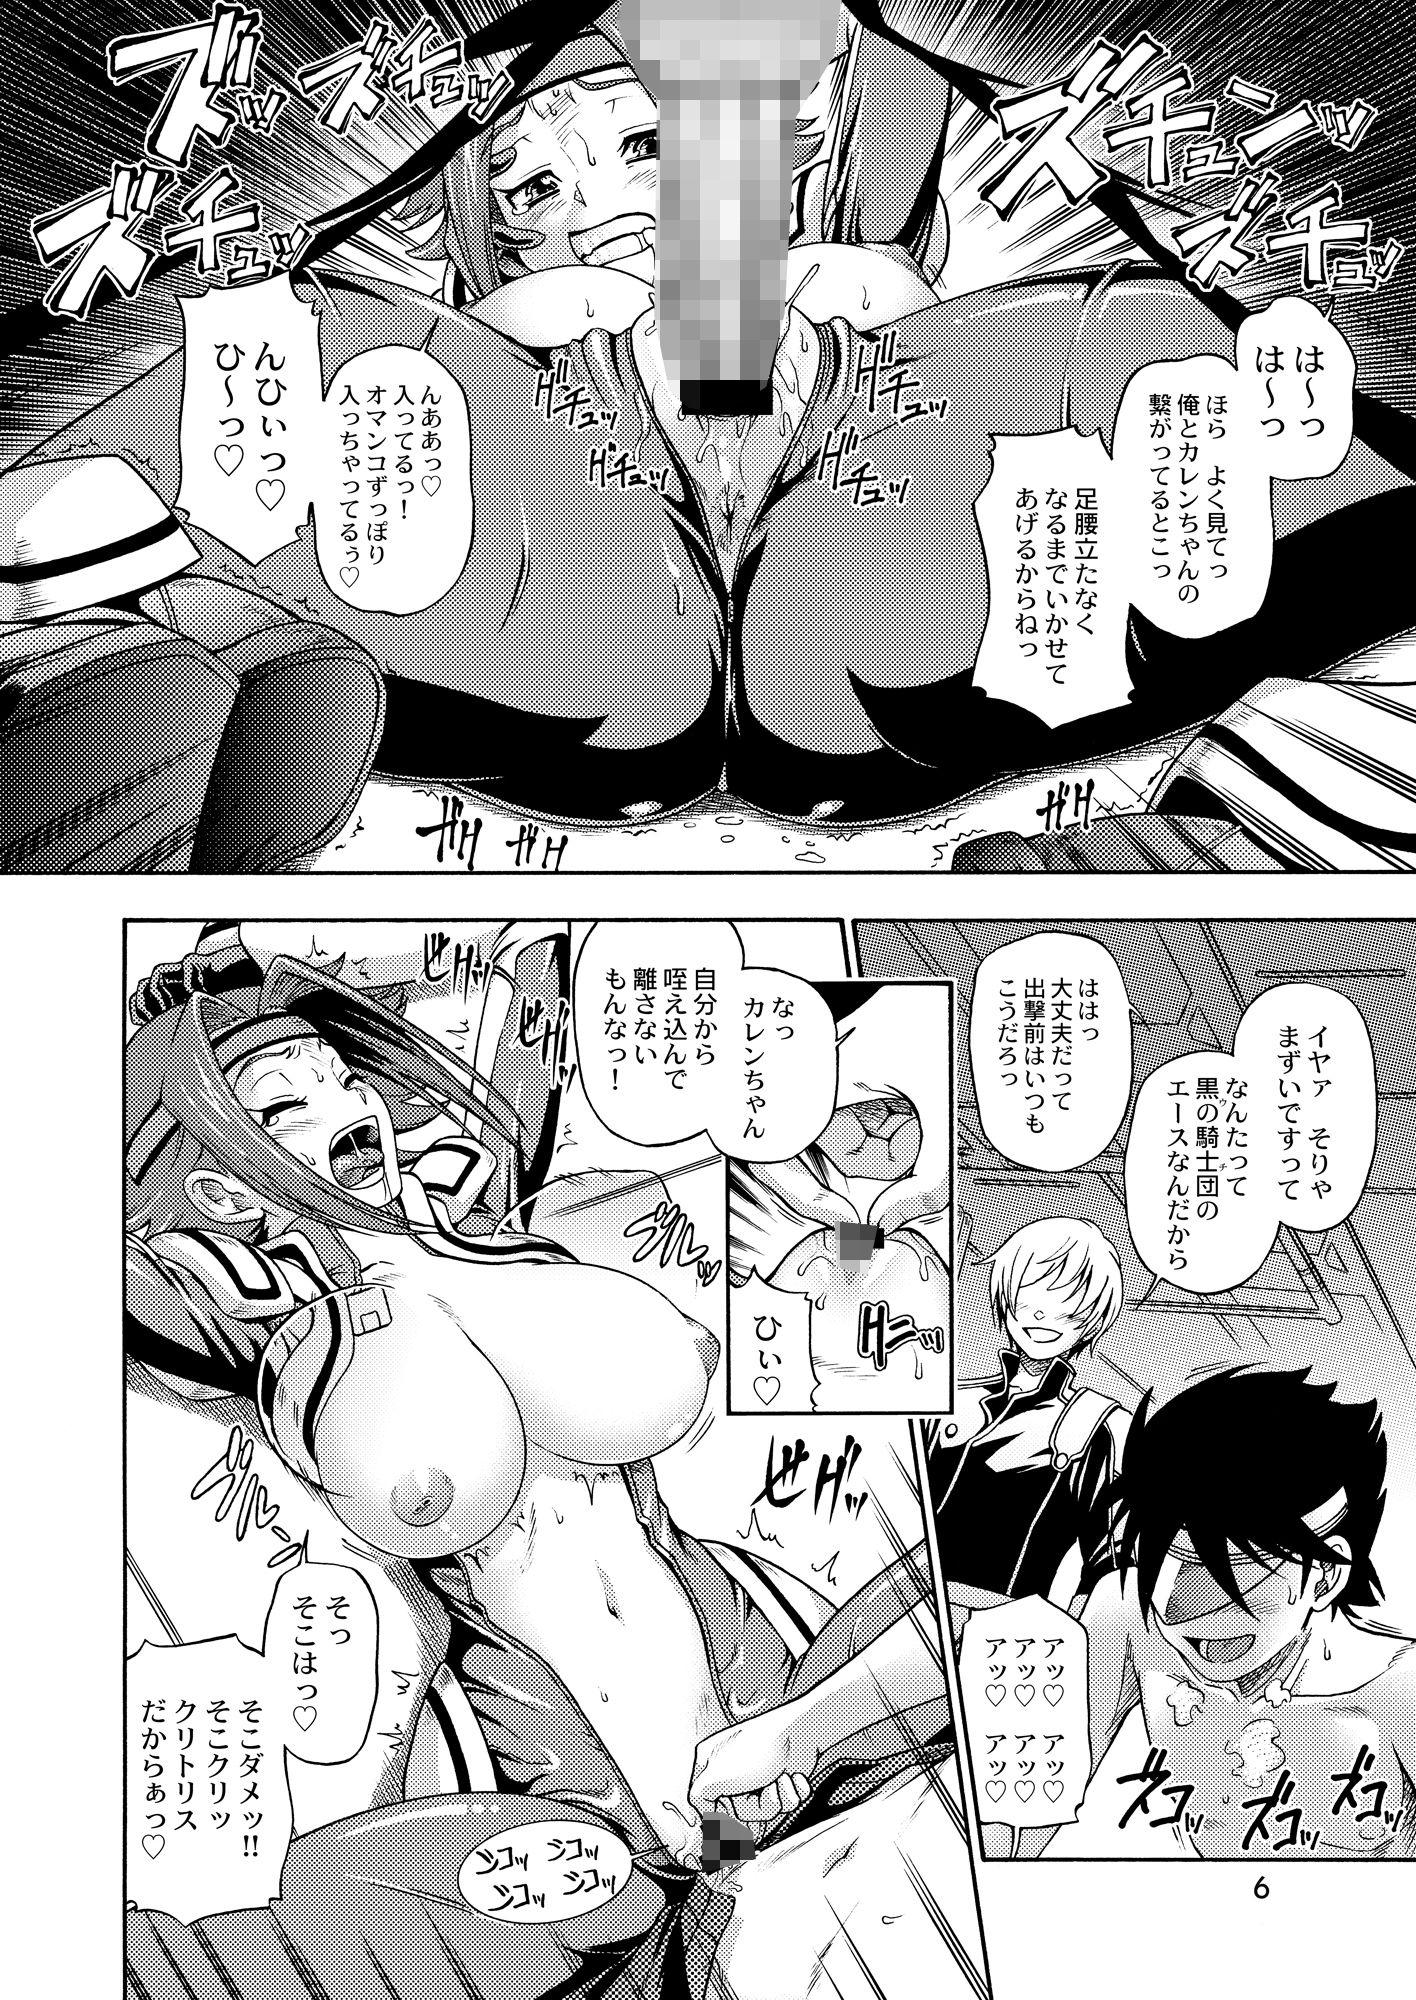 【コードギアス 同人】黒の騎士団ブレイクスルー